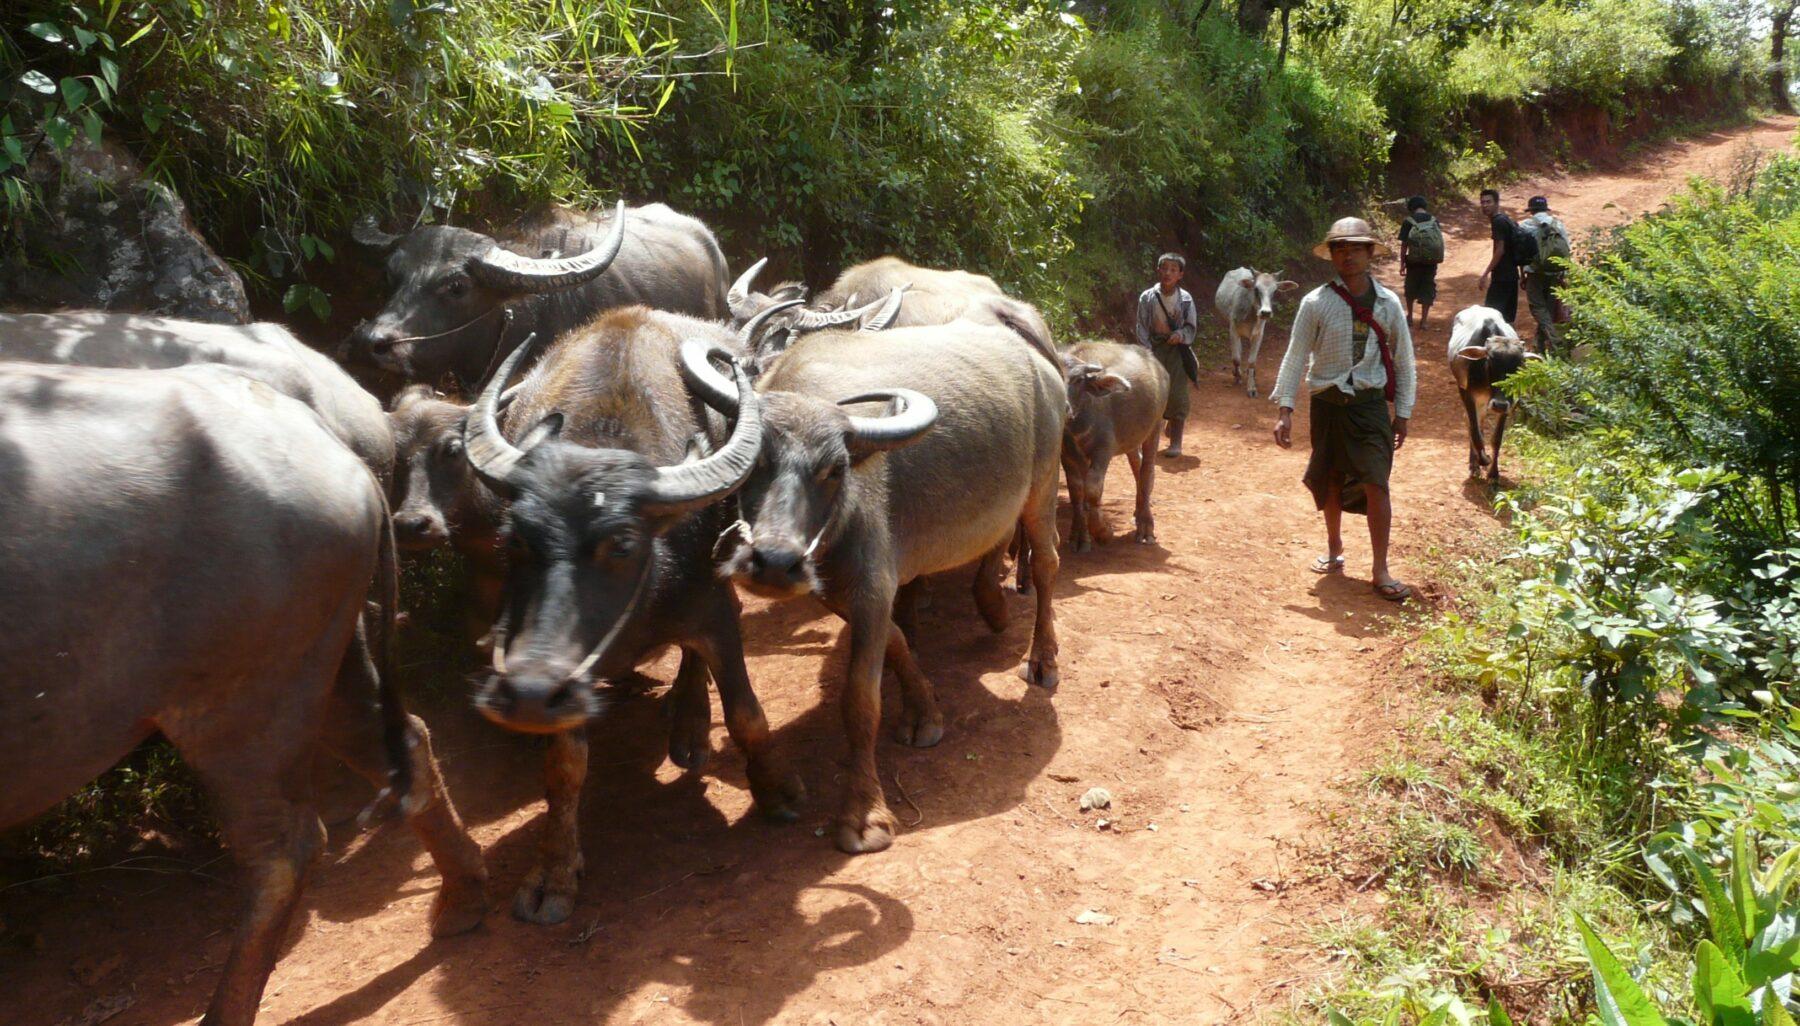 Oplev de idylliske landlige omgivelser i Kalaw regionen på din Myanmar rundrejse